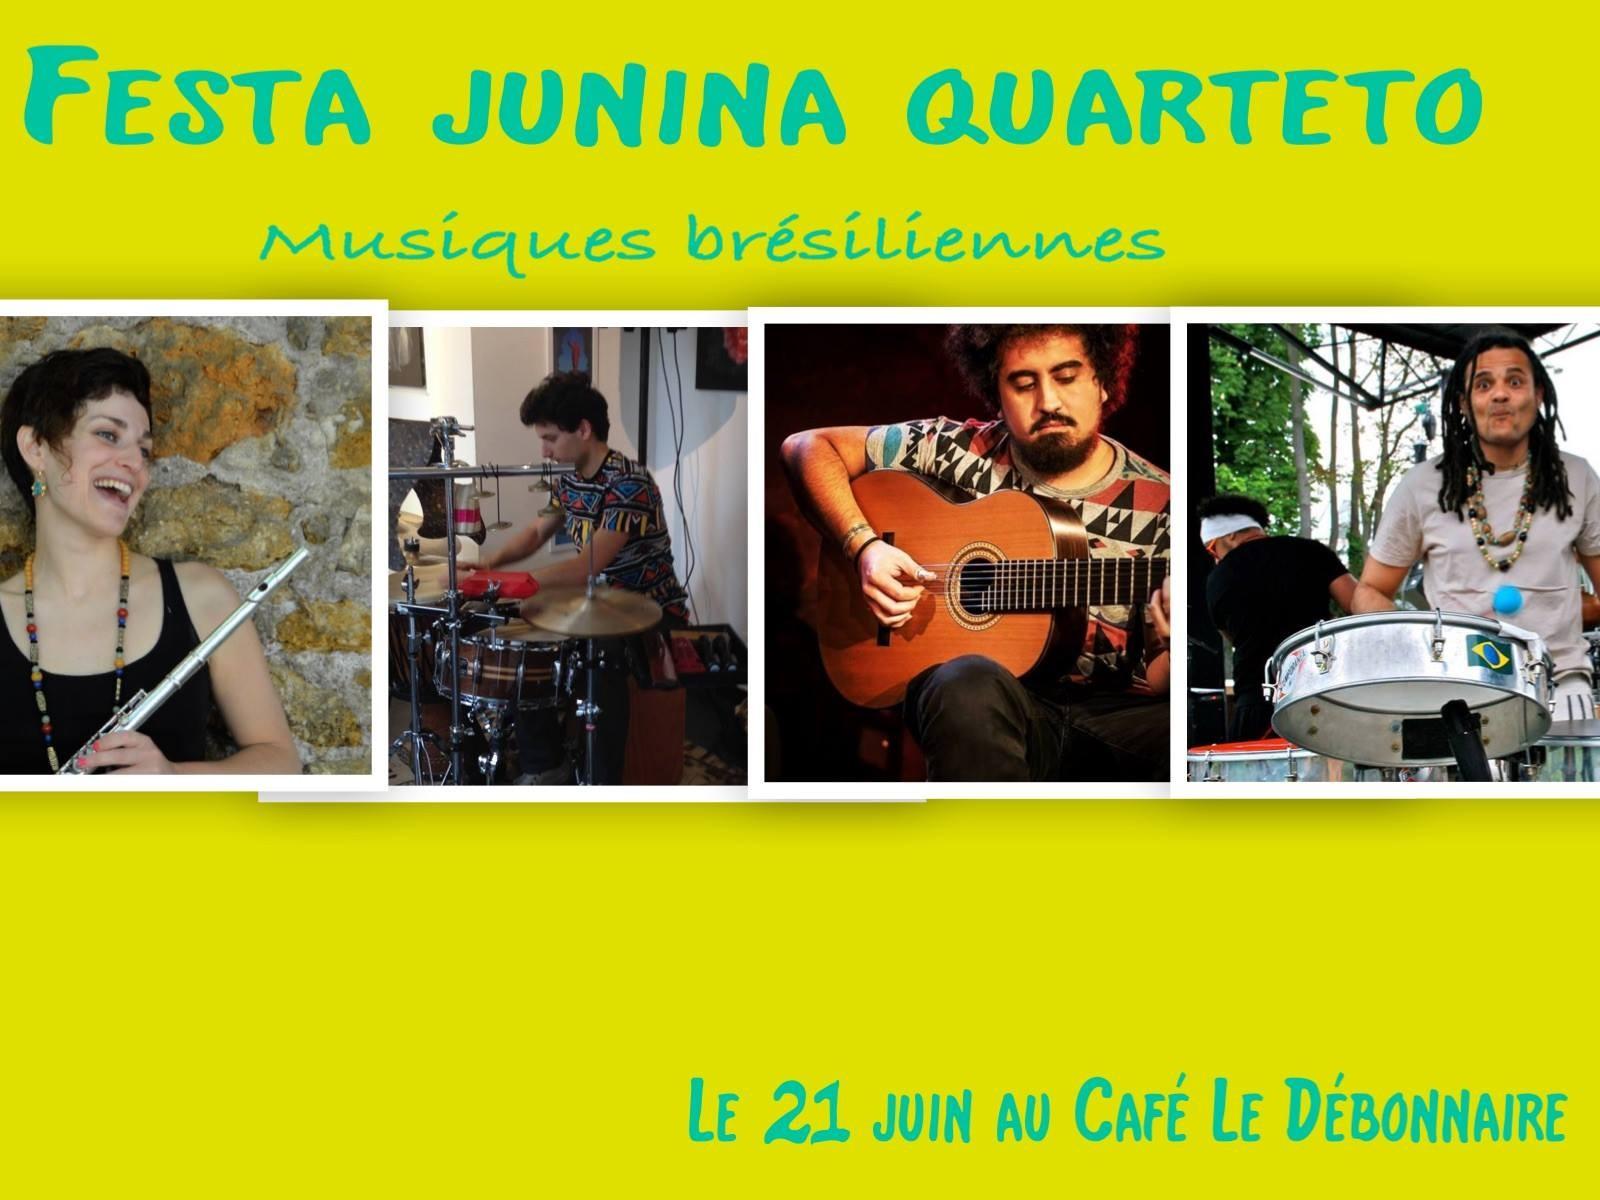 Le Débonnaire fête la musique et l'été aux sons du Brésil!